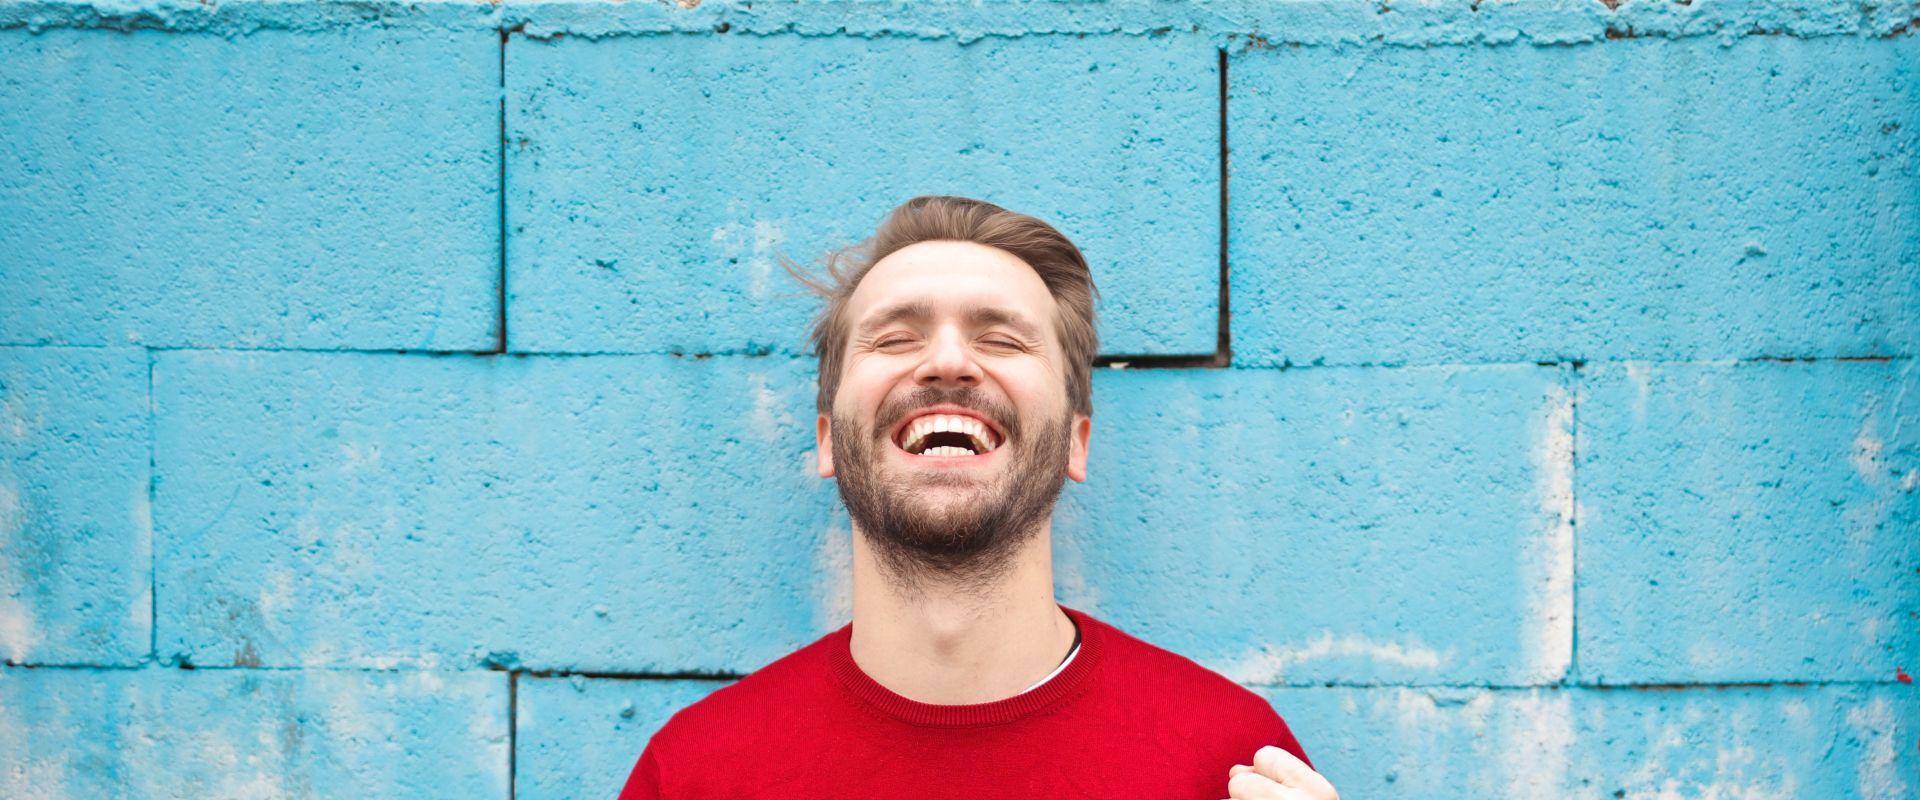 Titelbild des Blogartikels Ausreden adé: 5 Motivationstipps, die dir helfen, ein Instrument zu lernen